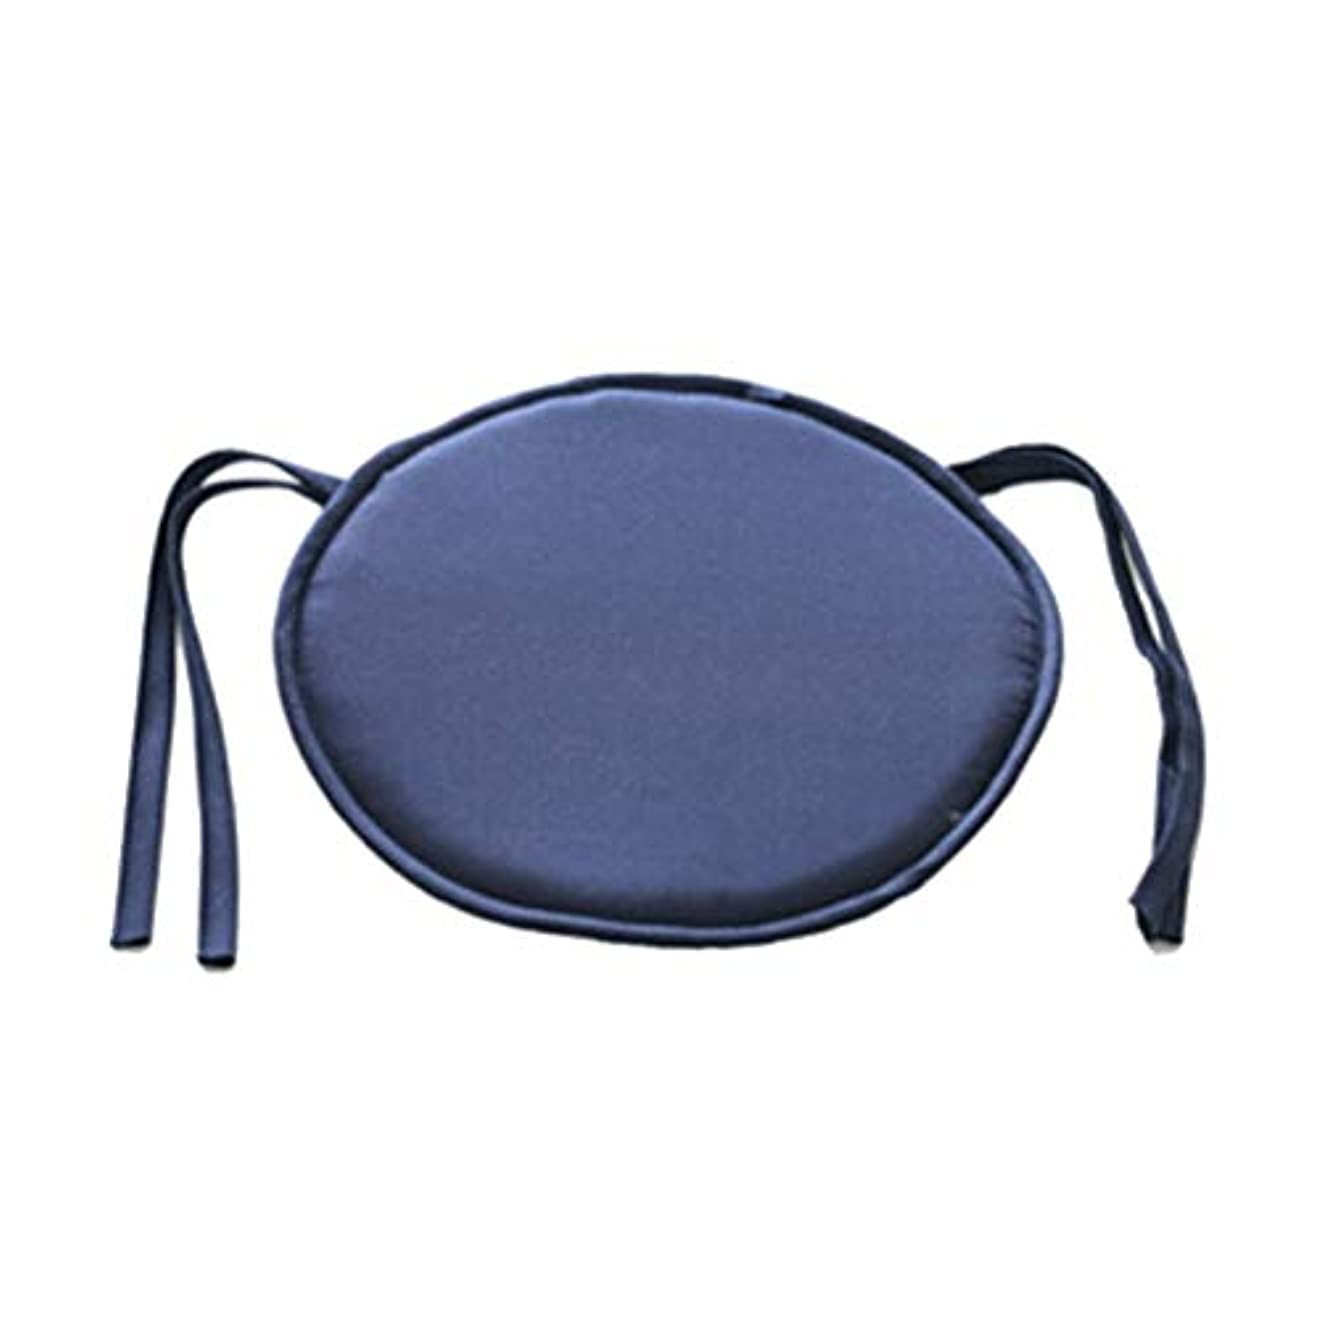 俳優寄付離れたSMART ホット販売ラウンドチェアクッション屋内ポップパティオオフィスチェアシートパッドネクタイスクエアガーデンキッチンダイニングクッション クッション 椅子